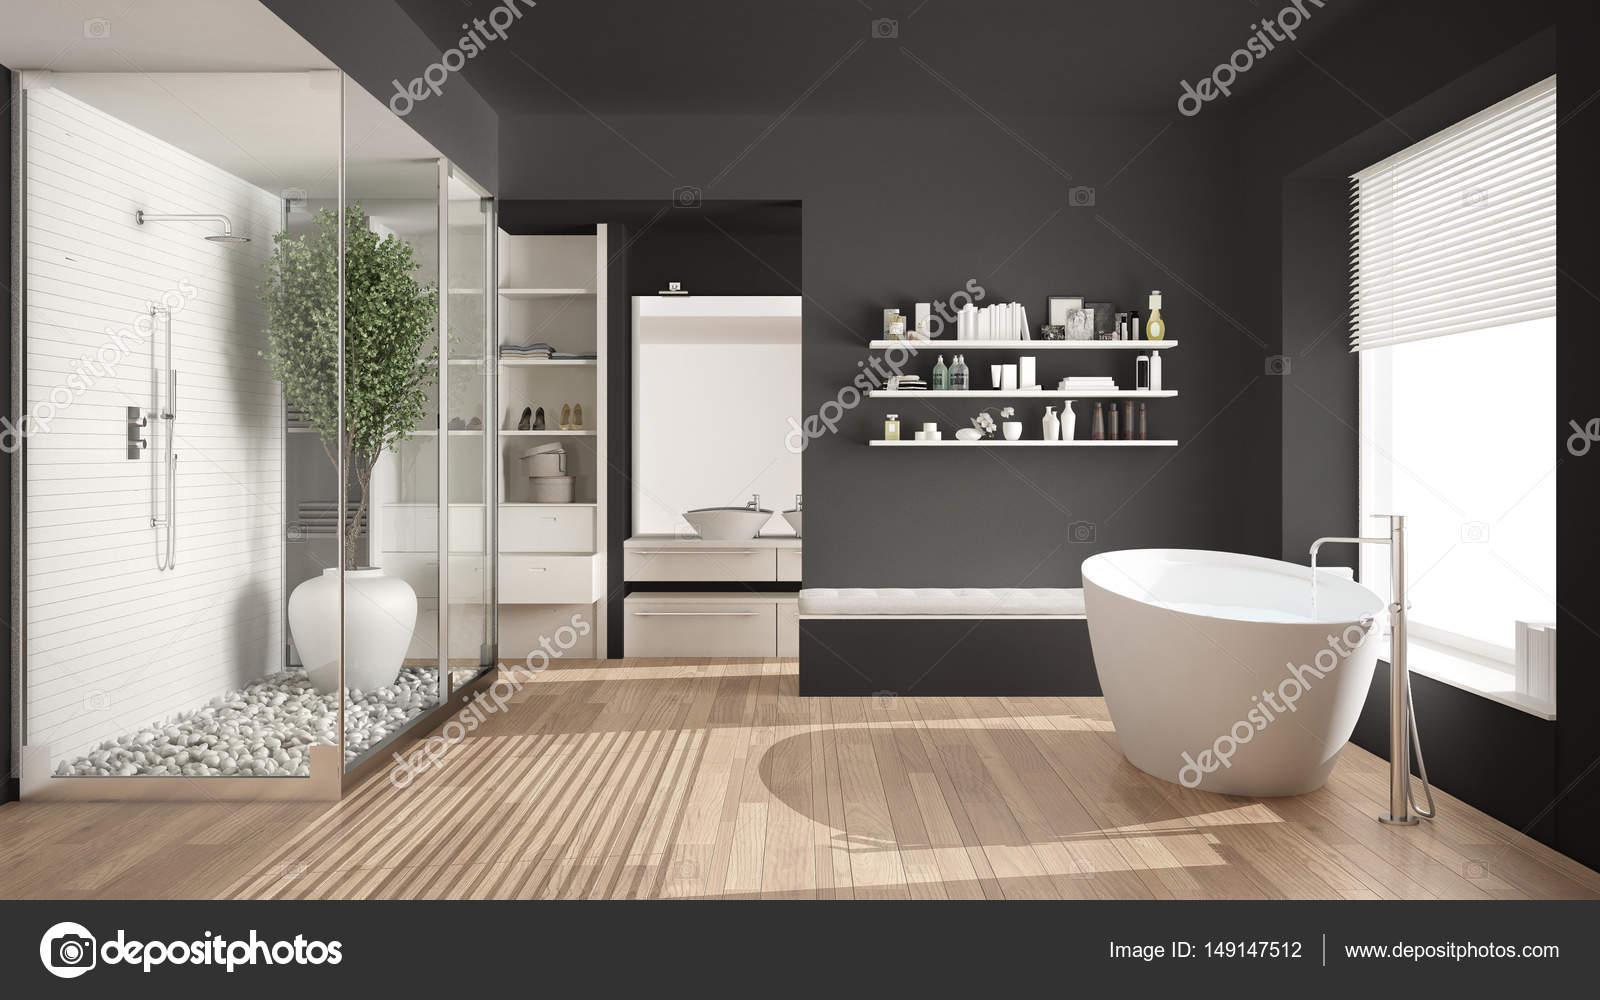 Bagno Design Scandinavo : Stanza da bagno scandinavo grigio minimalista con cabina armadio